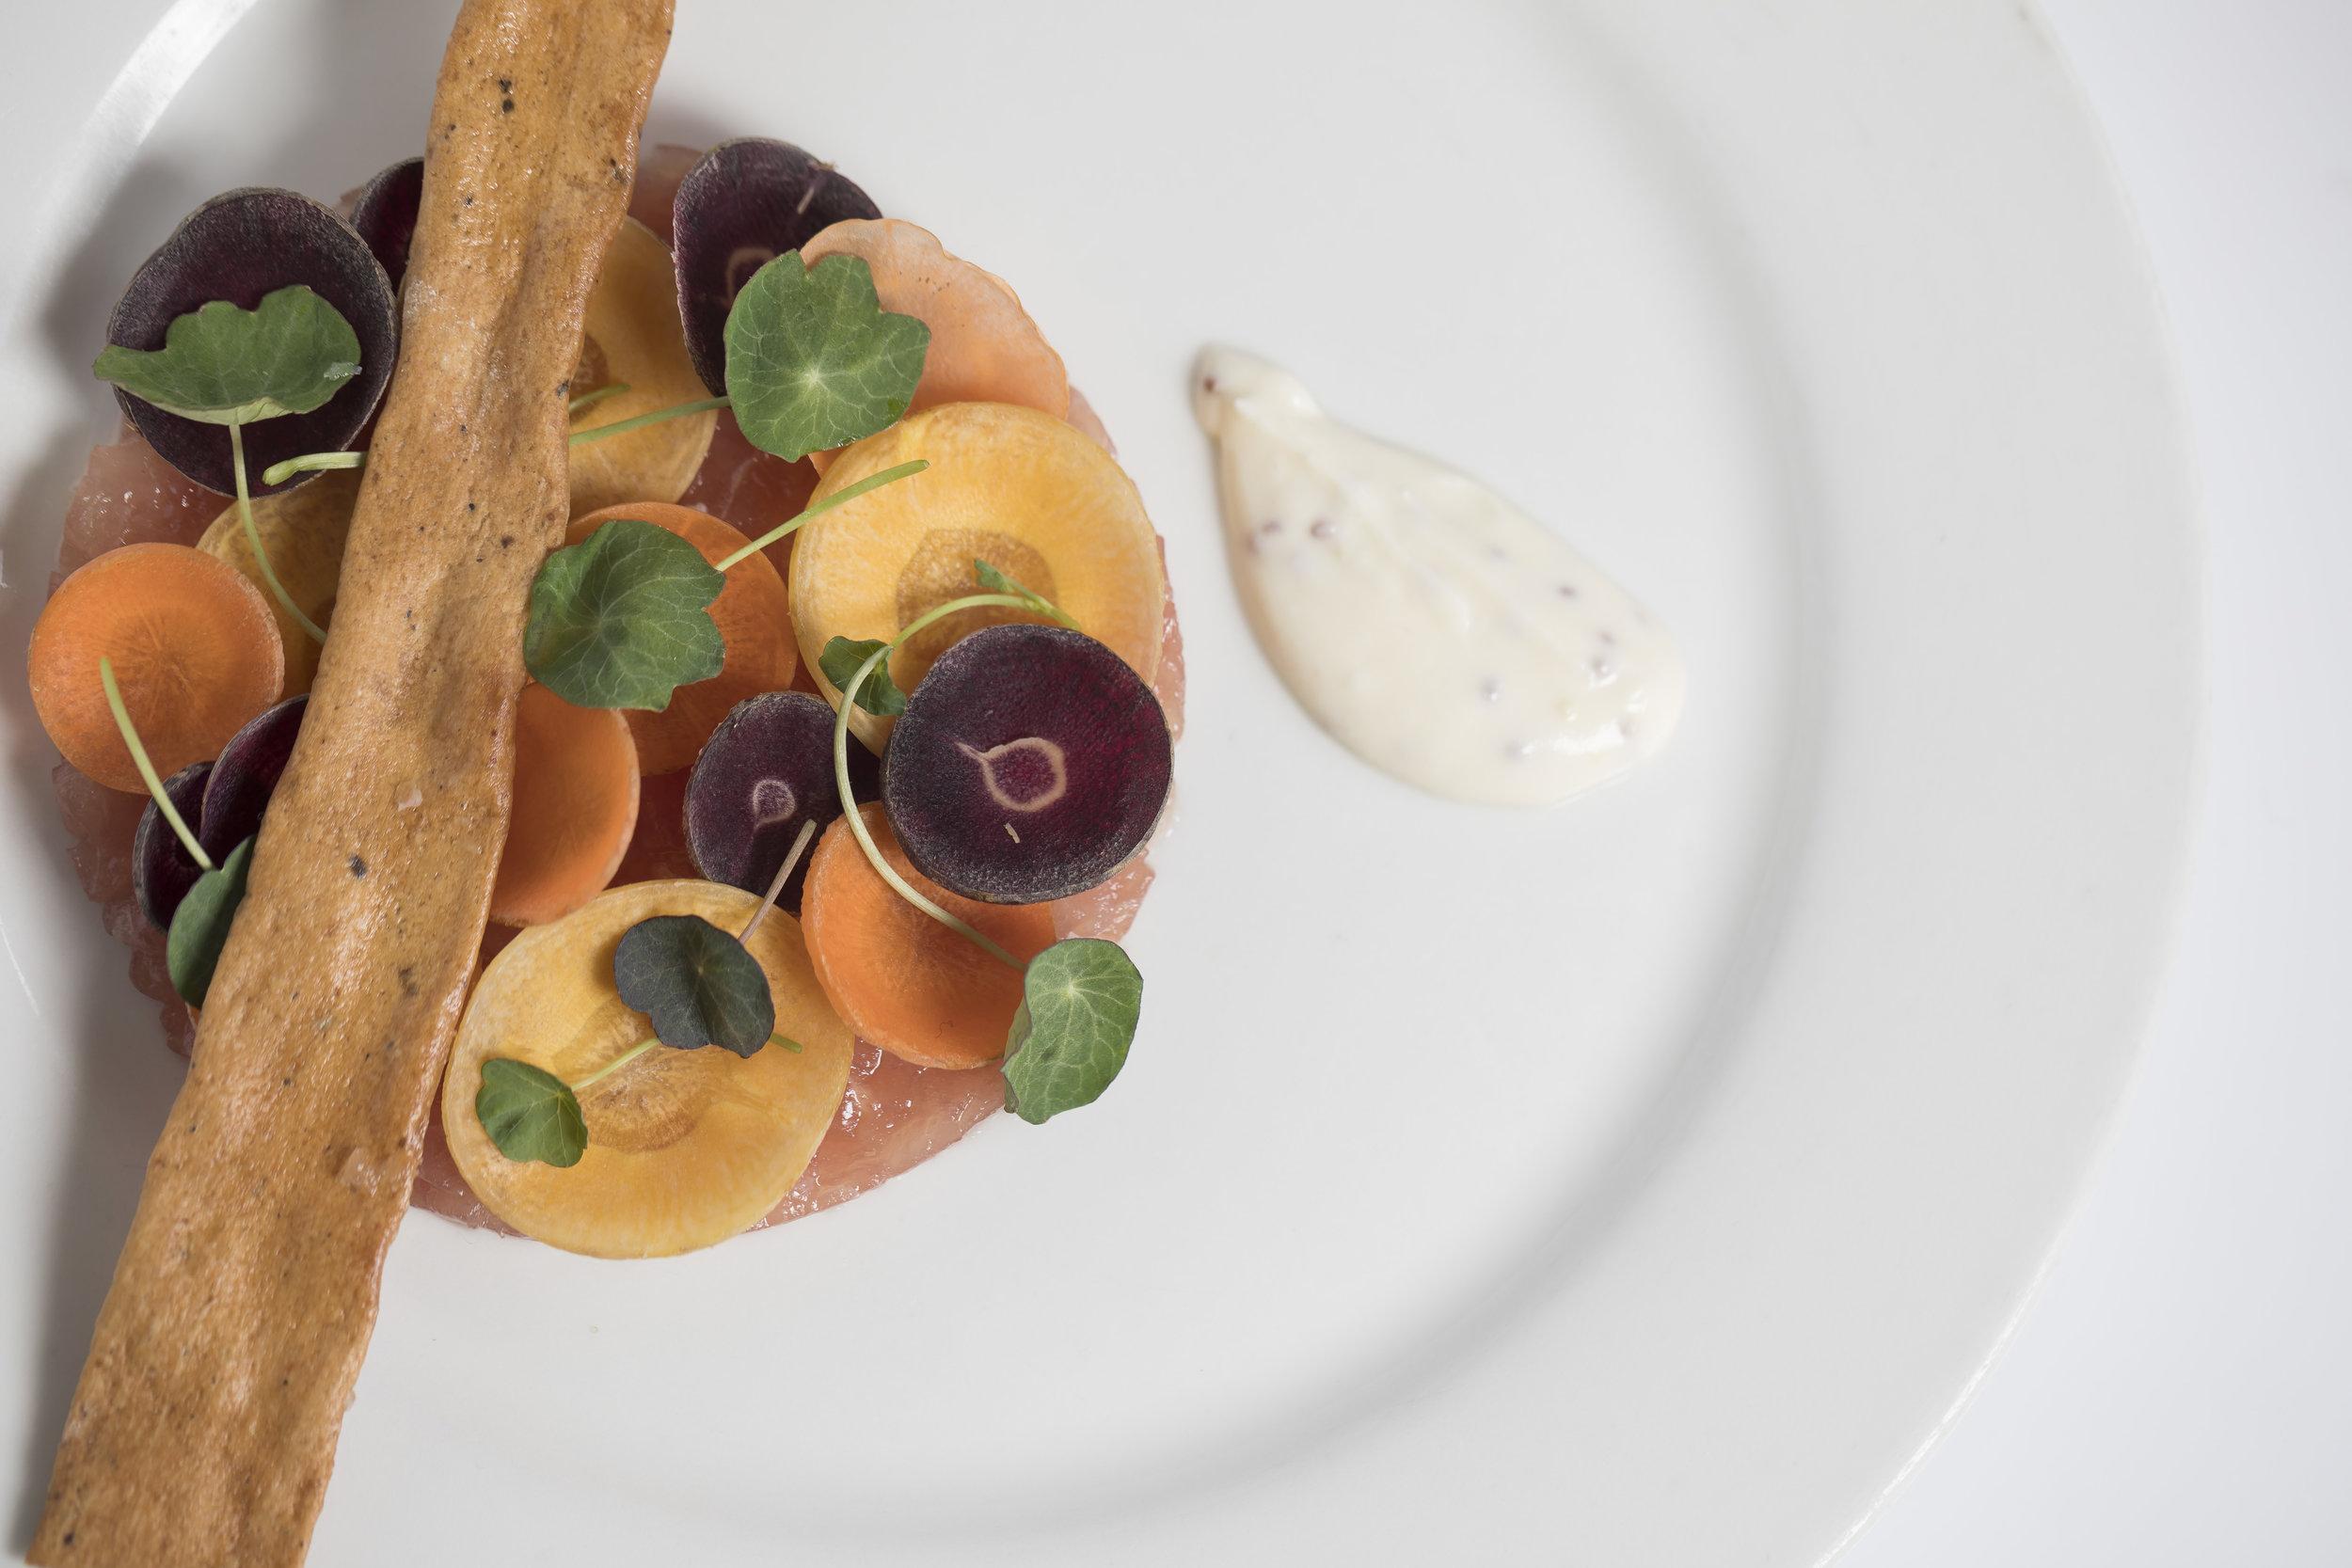 Yellow Fin Tuna Tartare with Carrot Crudo_First_Fall 18 GP Tasting_BH_54.JPG